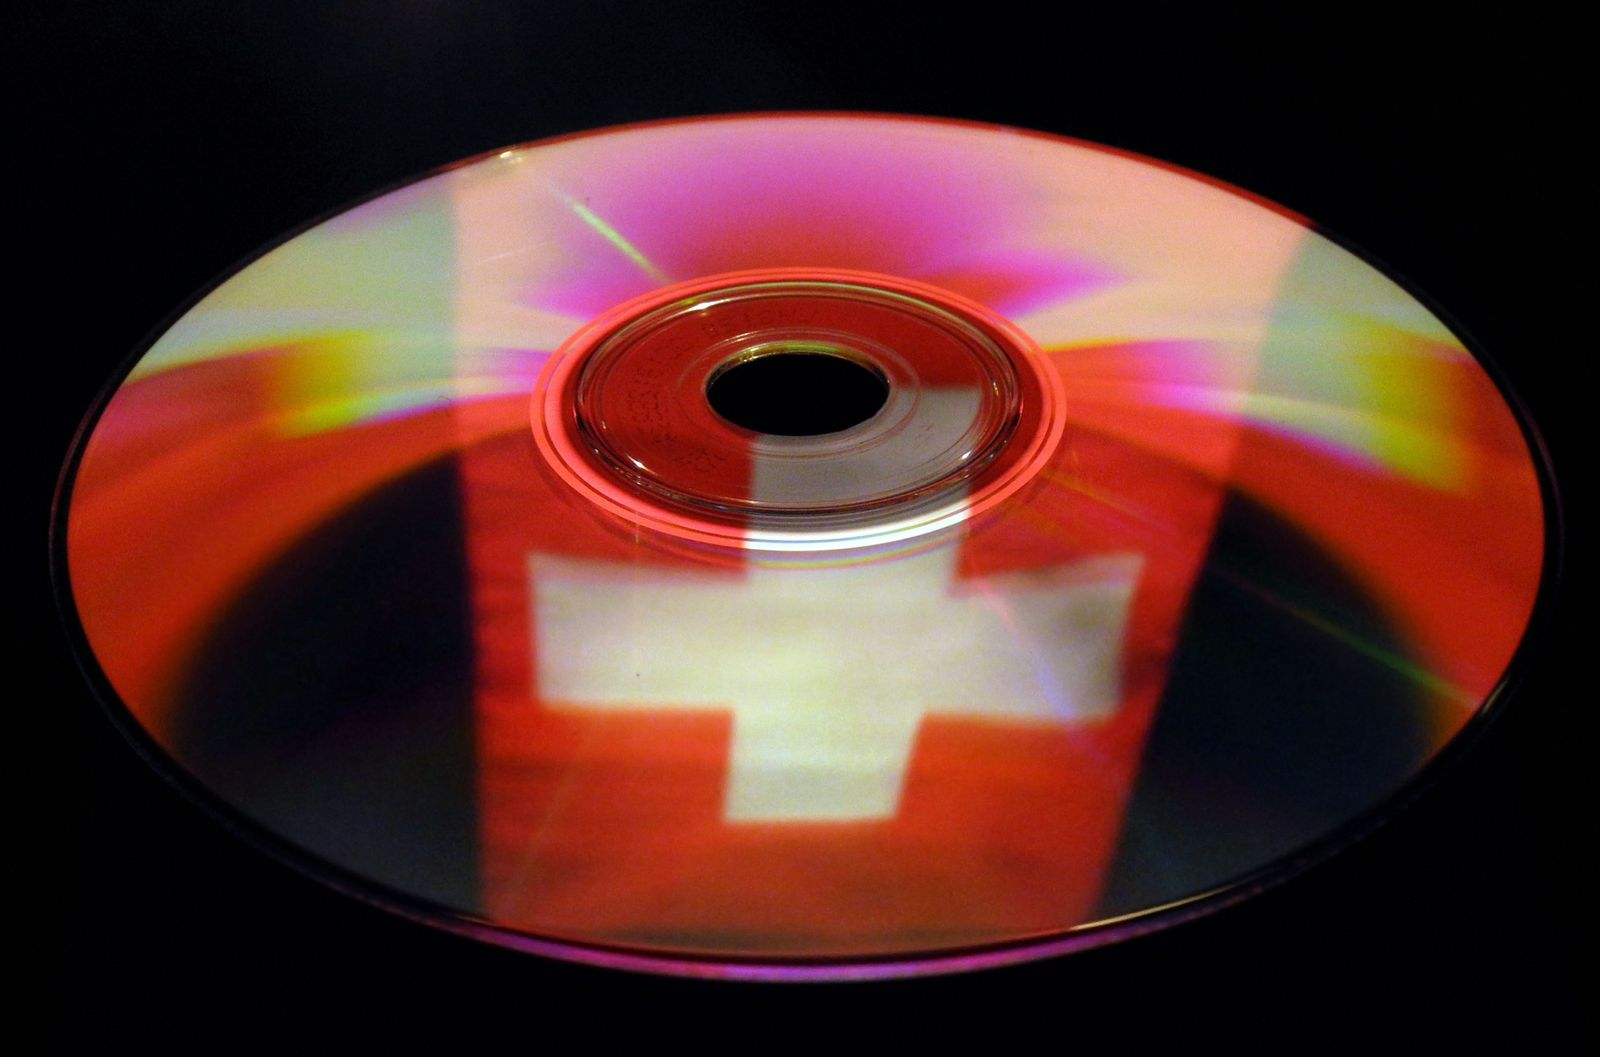 NICHT VERWENDEN Steuern / Datenschutz / Steuer-CD